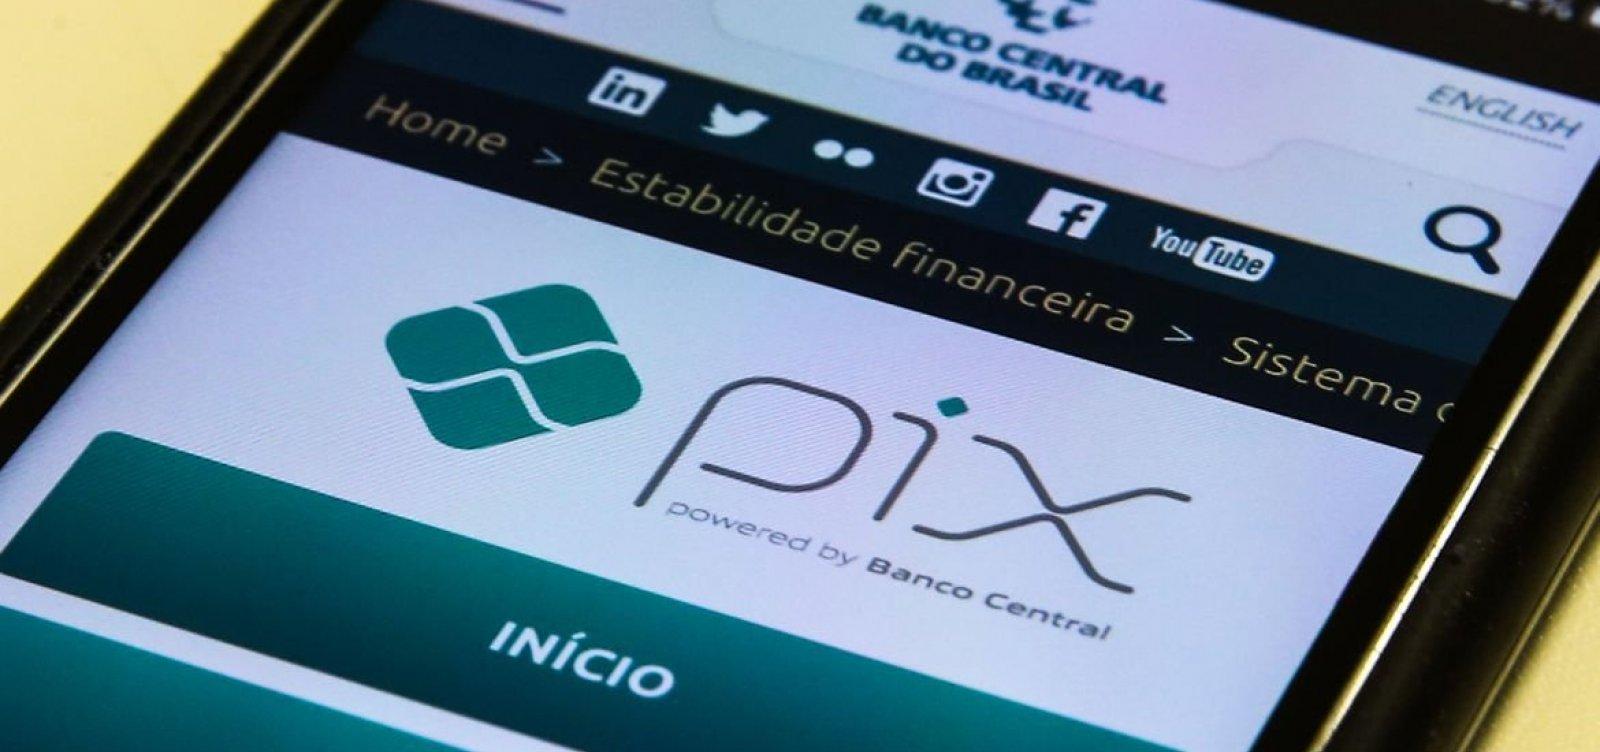 Bancos poderão bloquear recursos de usuários por 72 horas em caso de suspeita de fraude no PIX